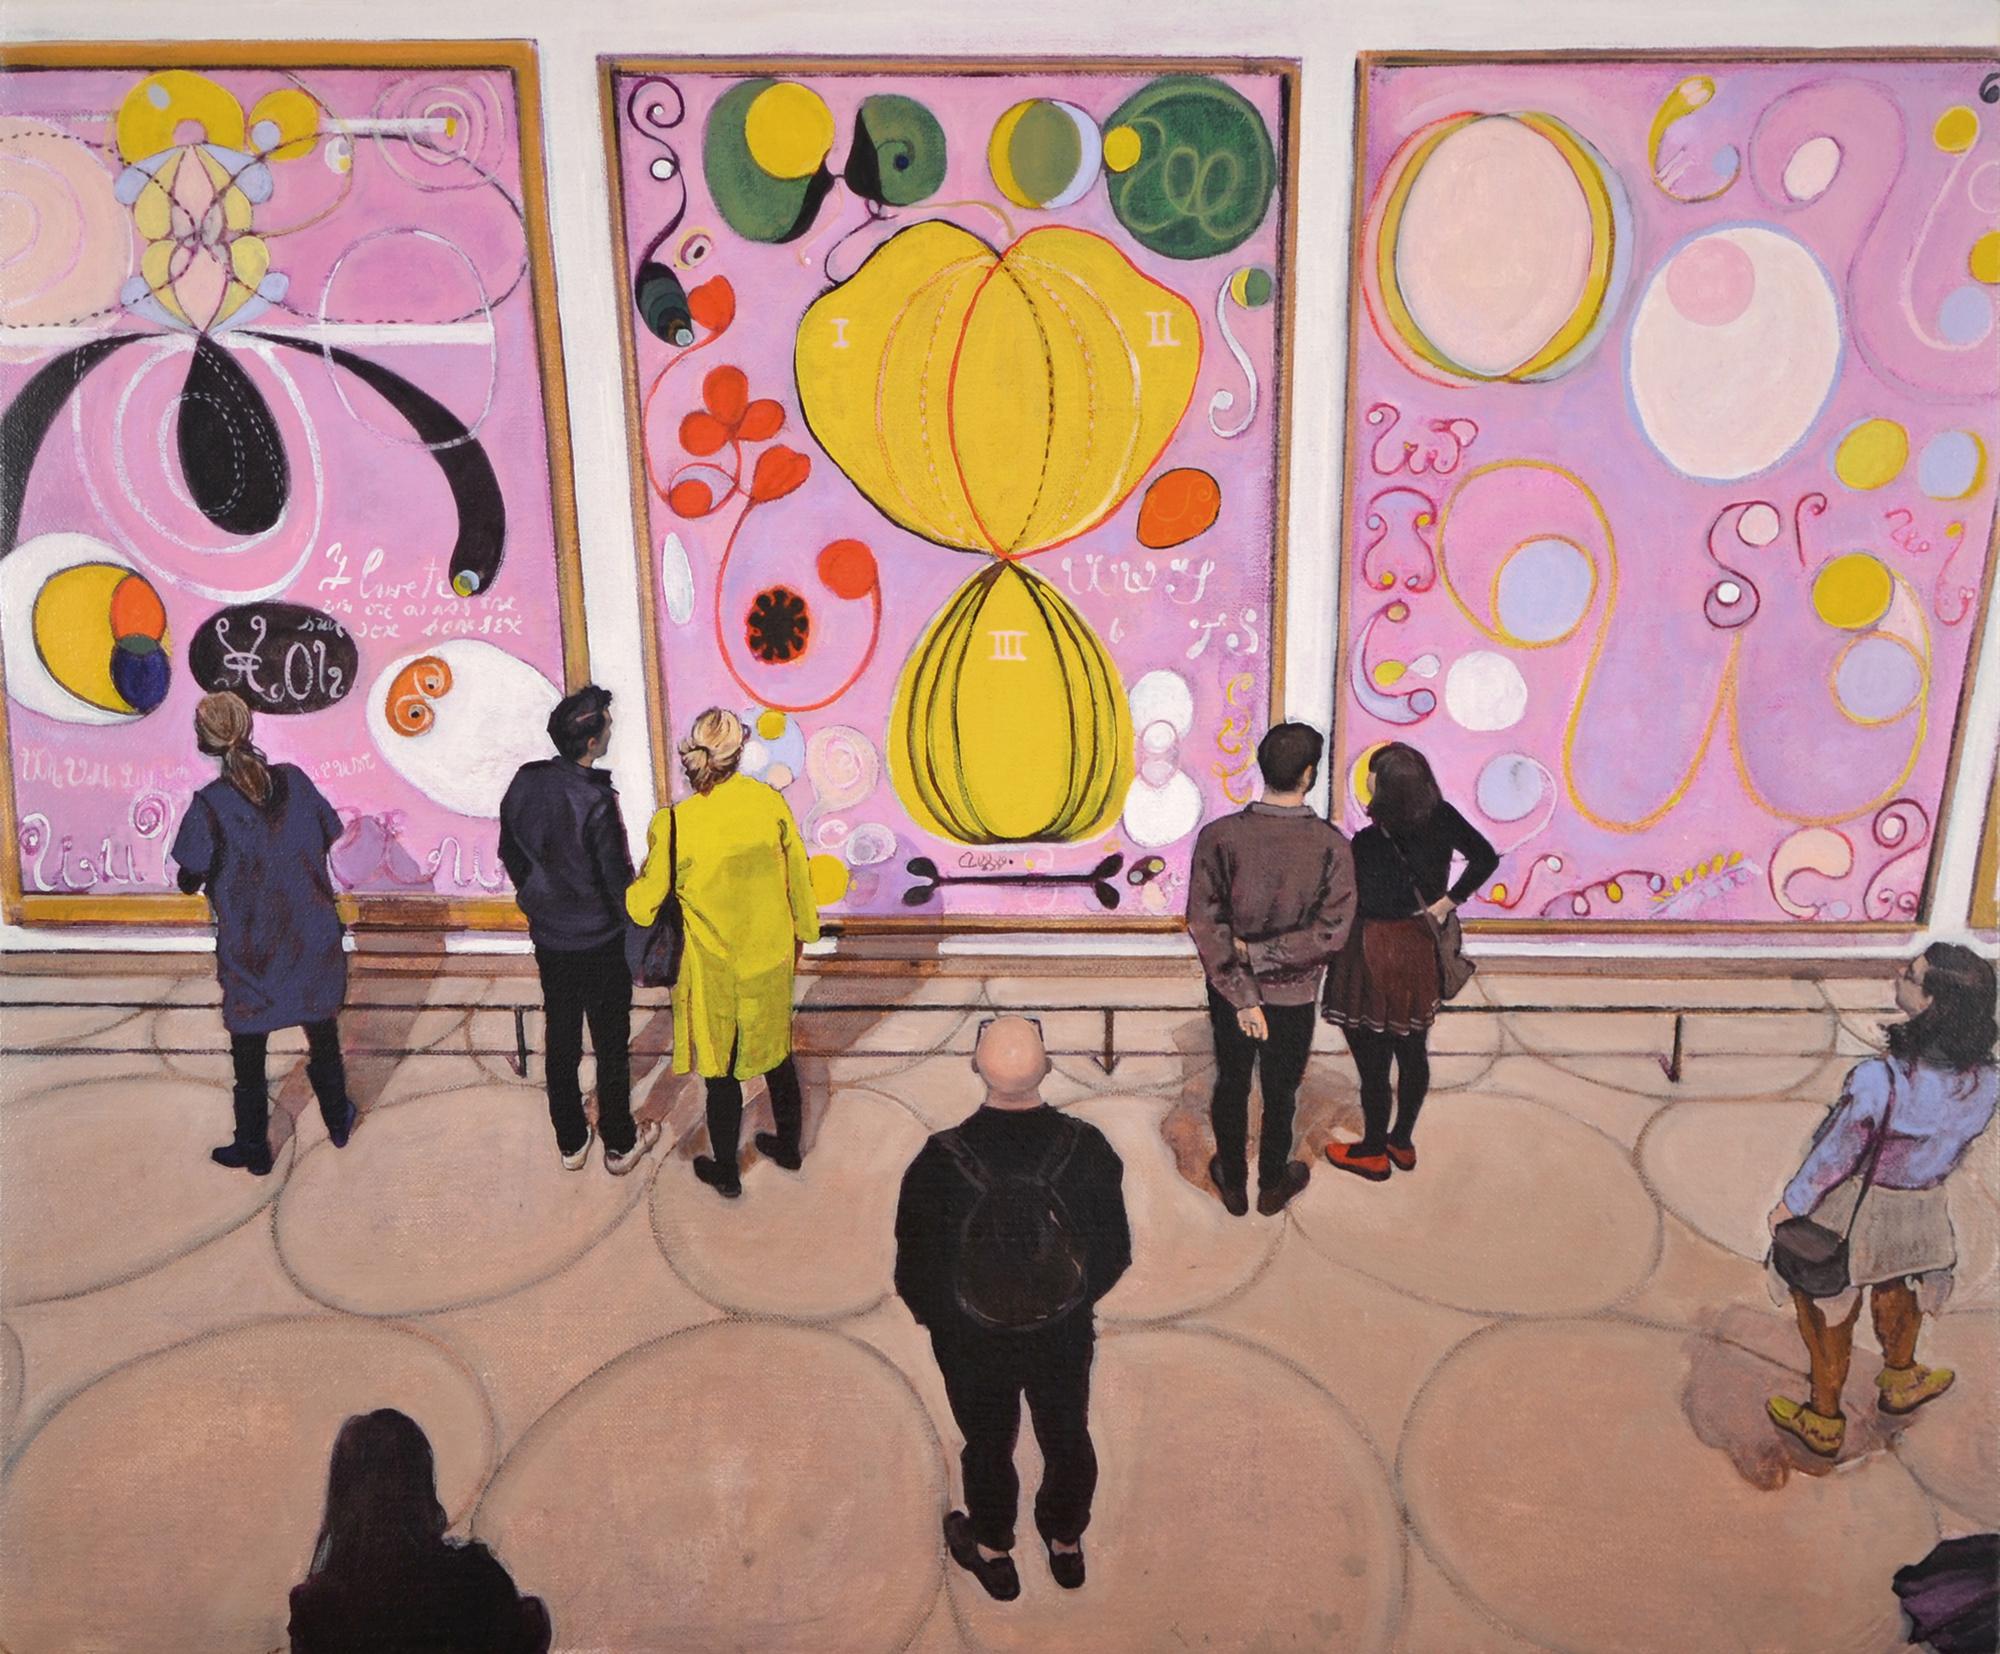 Hilma af Klint: The Ten Largest, Adulthood  # 6, 7 & 8 / Guggenheim